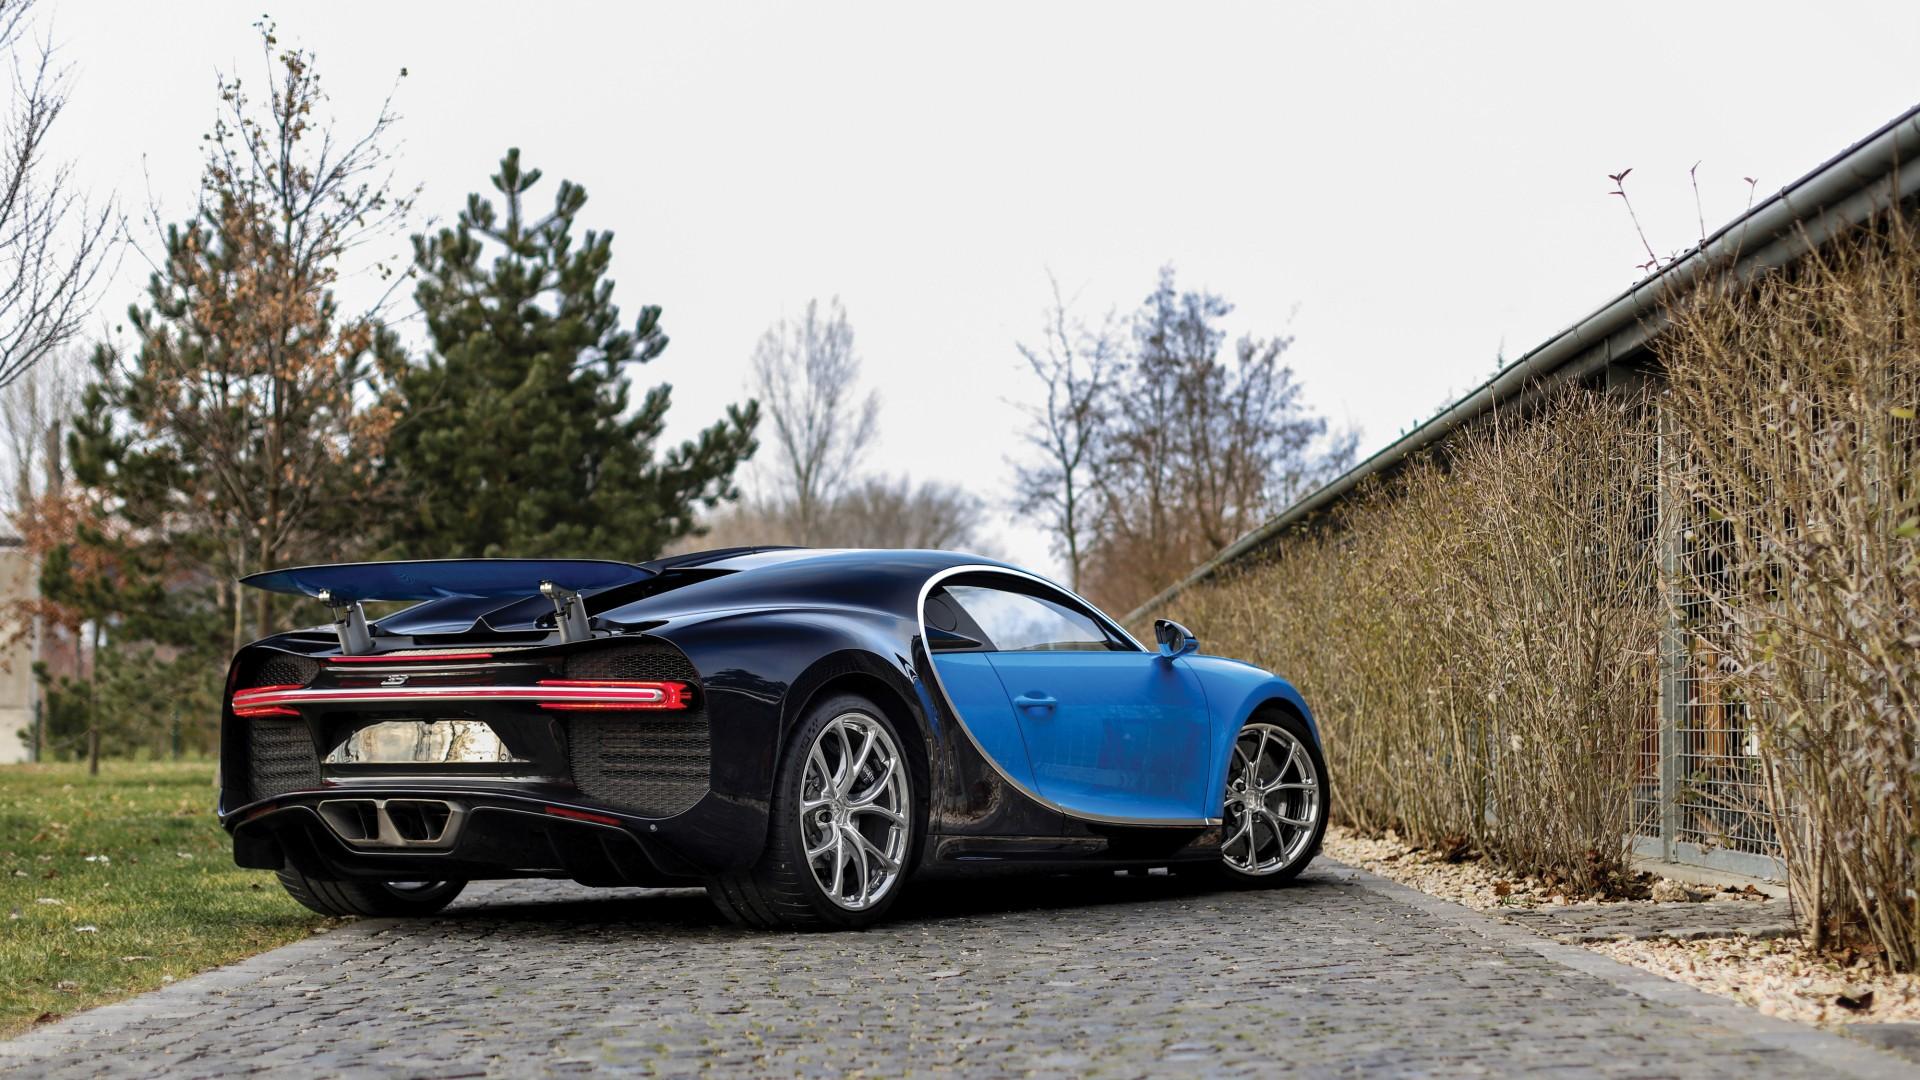 Bugatti Chiron (2016-Present)